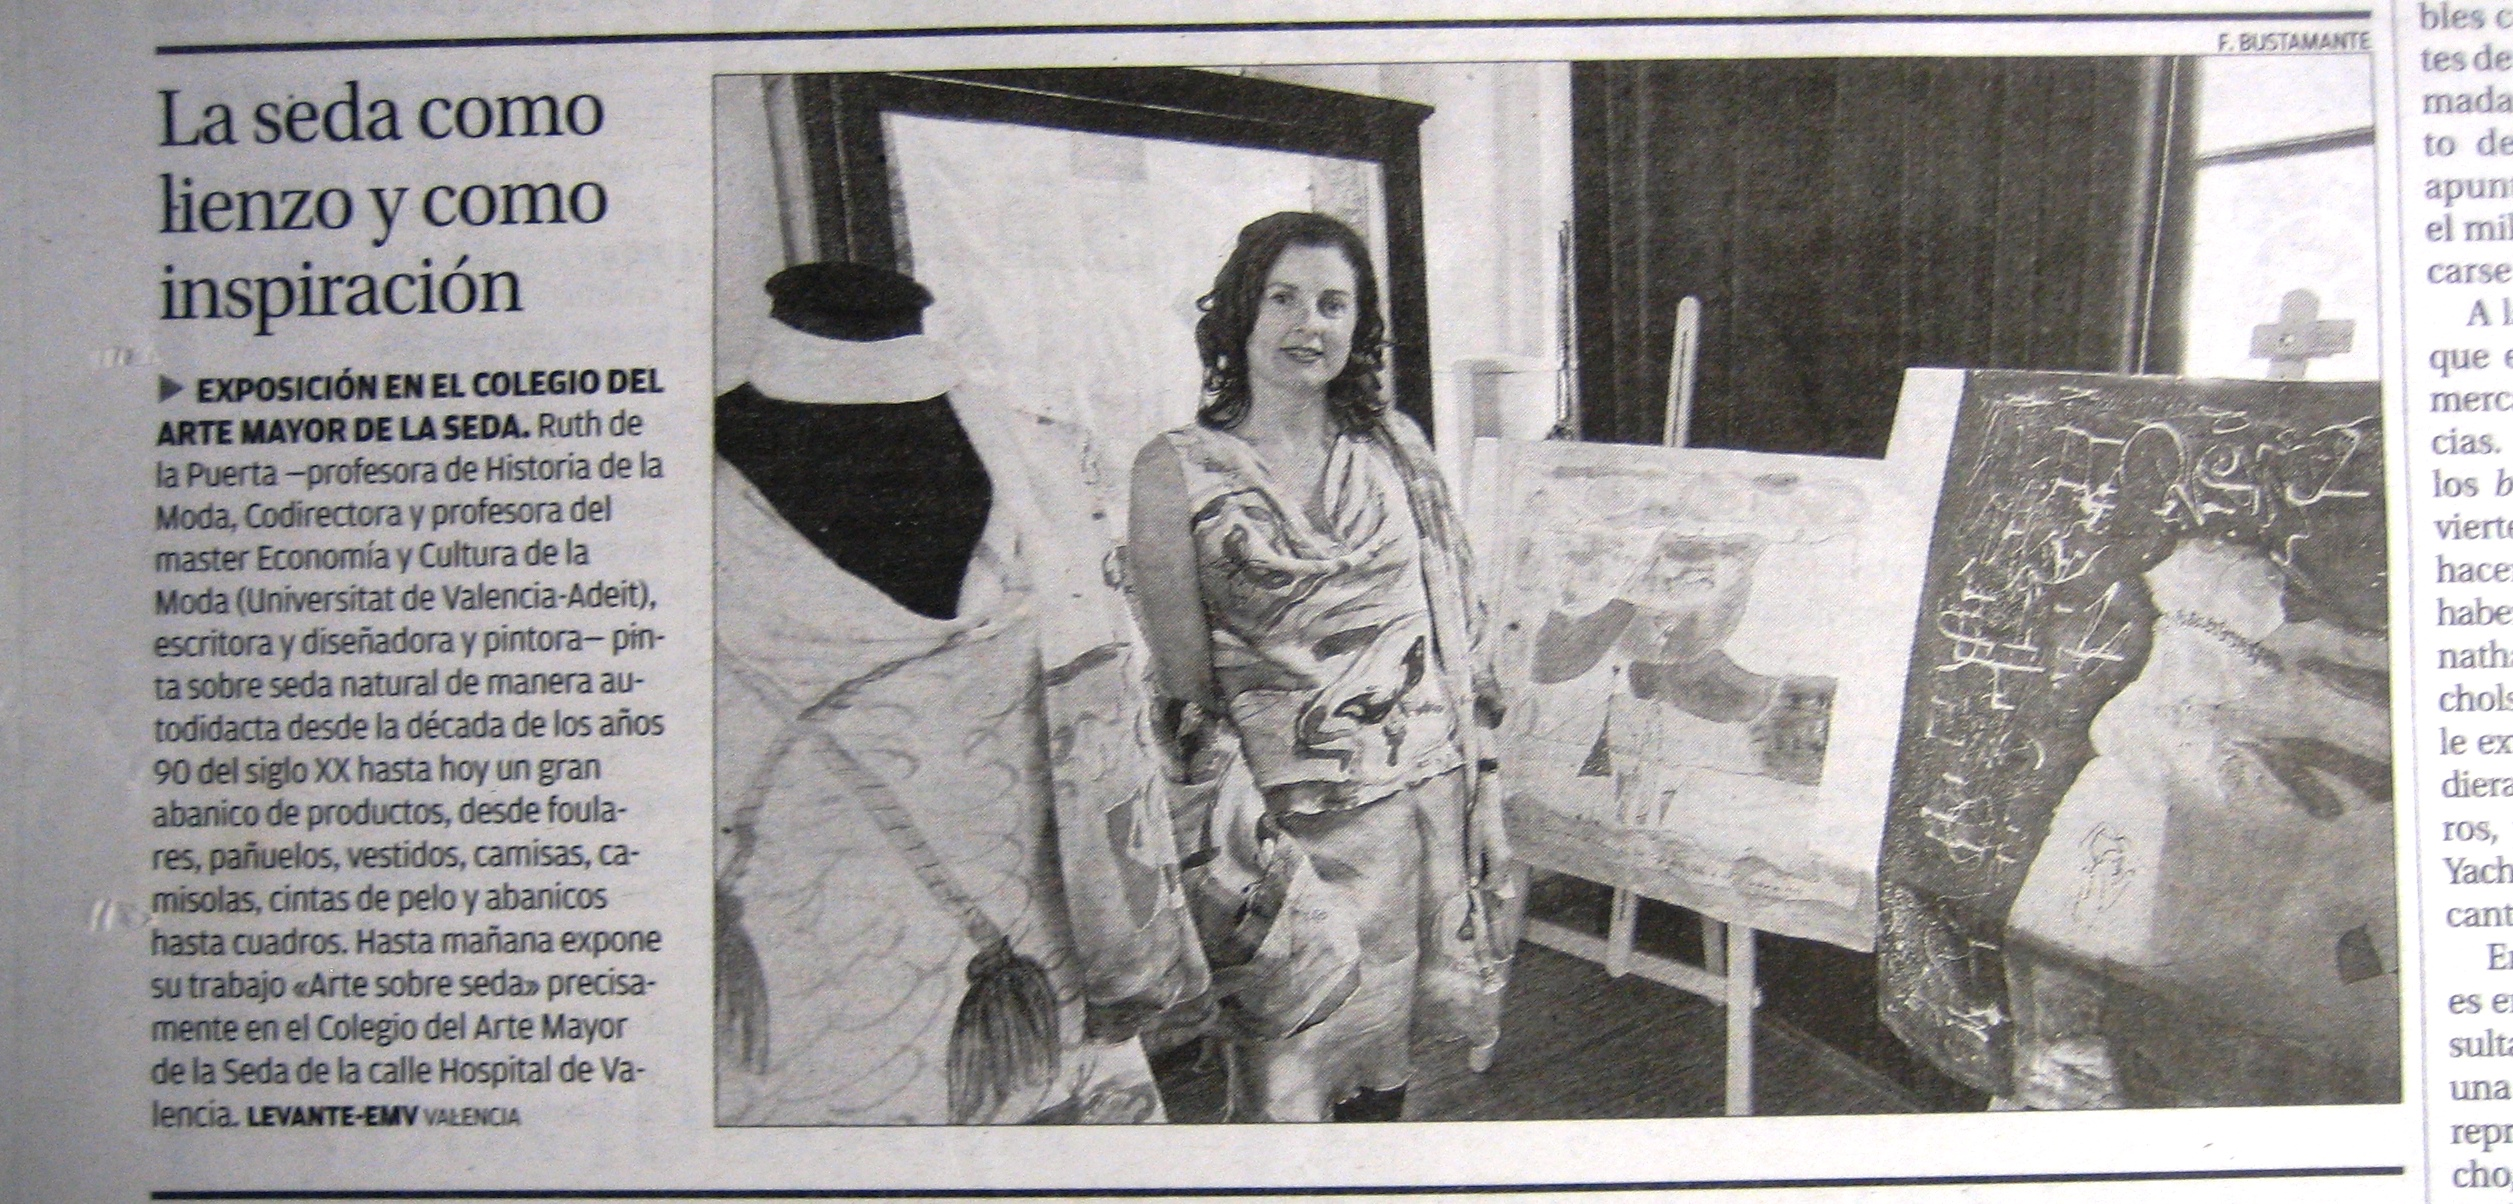 """Noticia de la Exposición """"Arte en Seda"""" publicada en el diario El Levante el 22 de junio de 2013."""